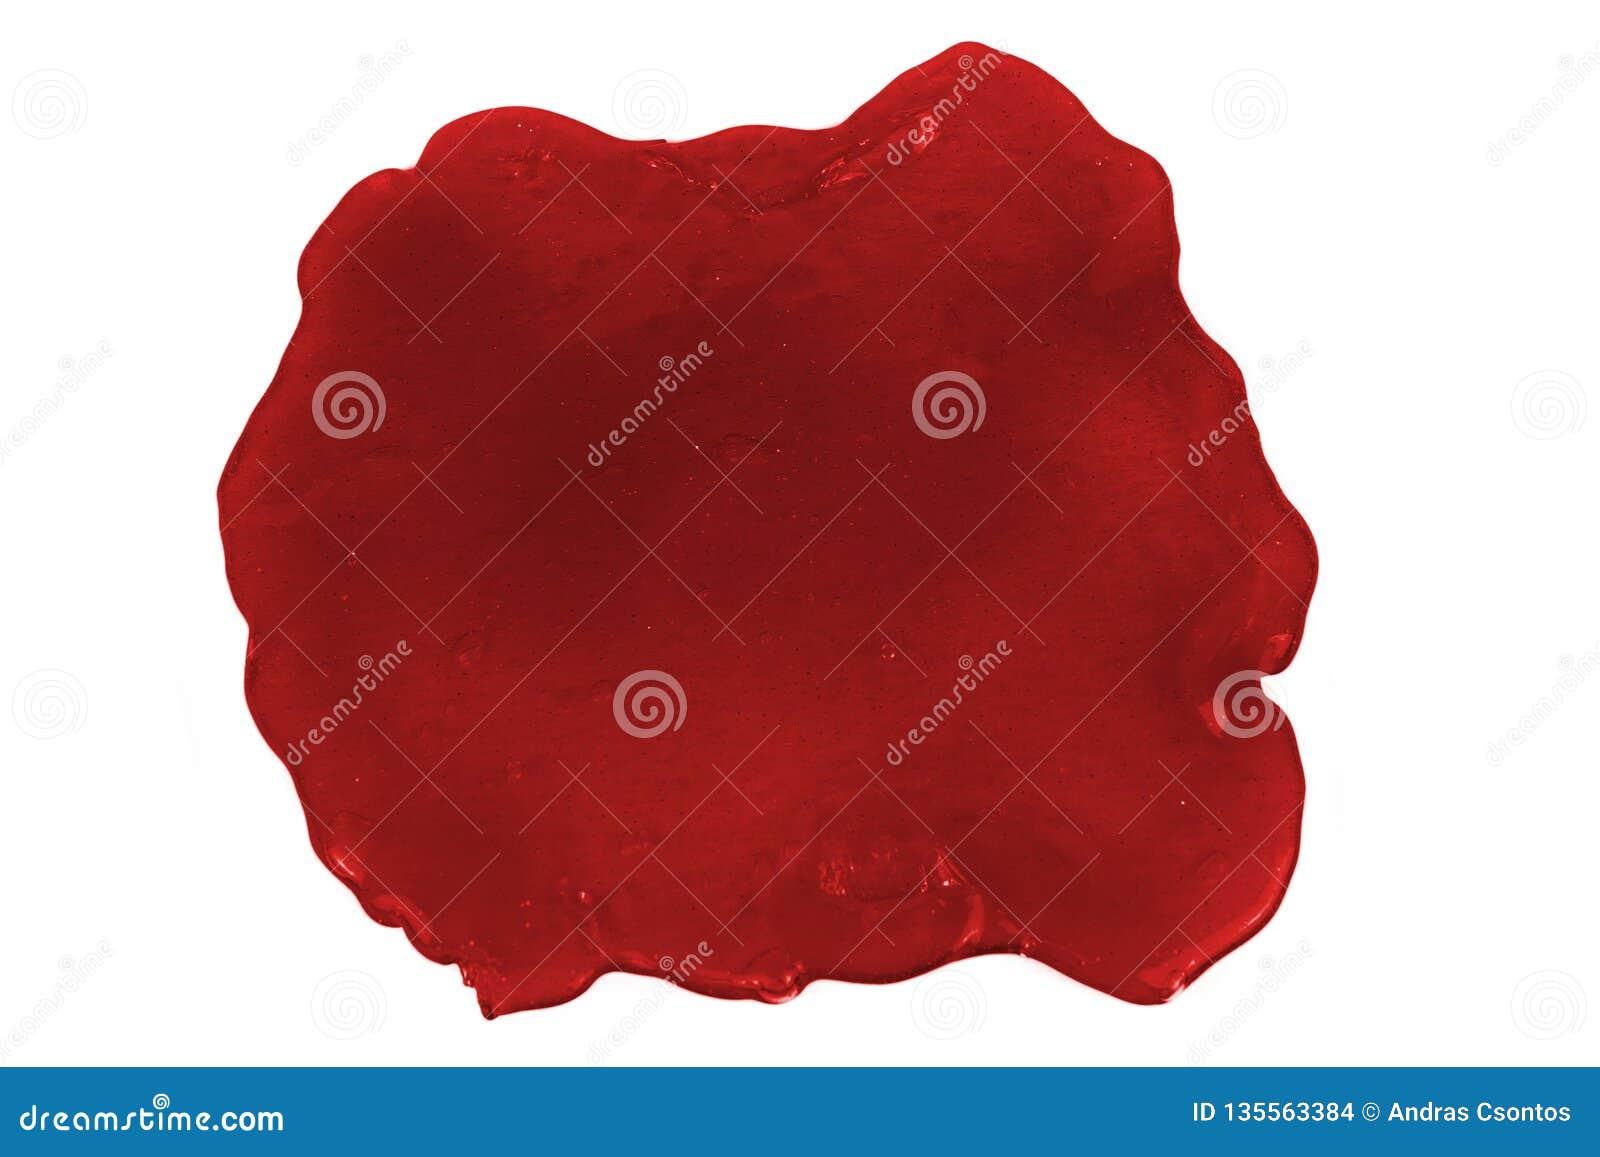 Κλείστε επάνω τη φωτογραφία του κόκκινου slime λεκέ που απομονώνεται στο άσπρο υπόβαθρο